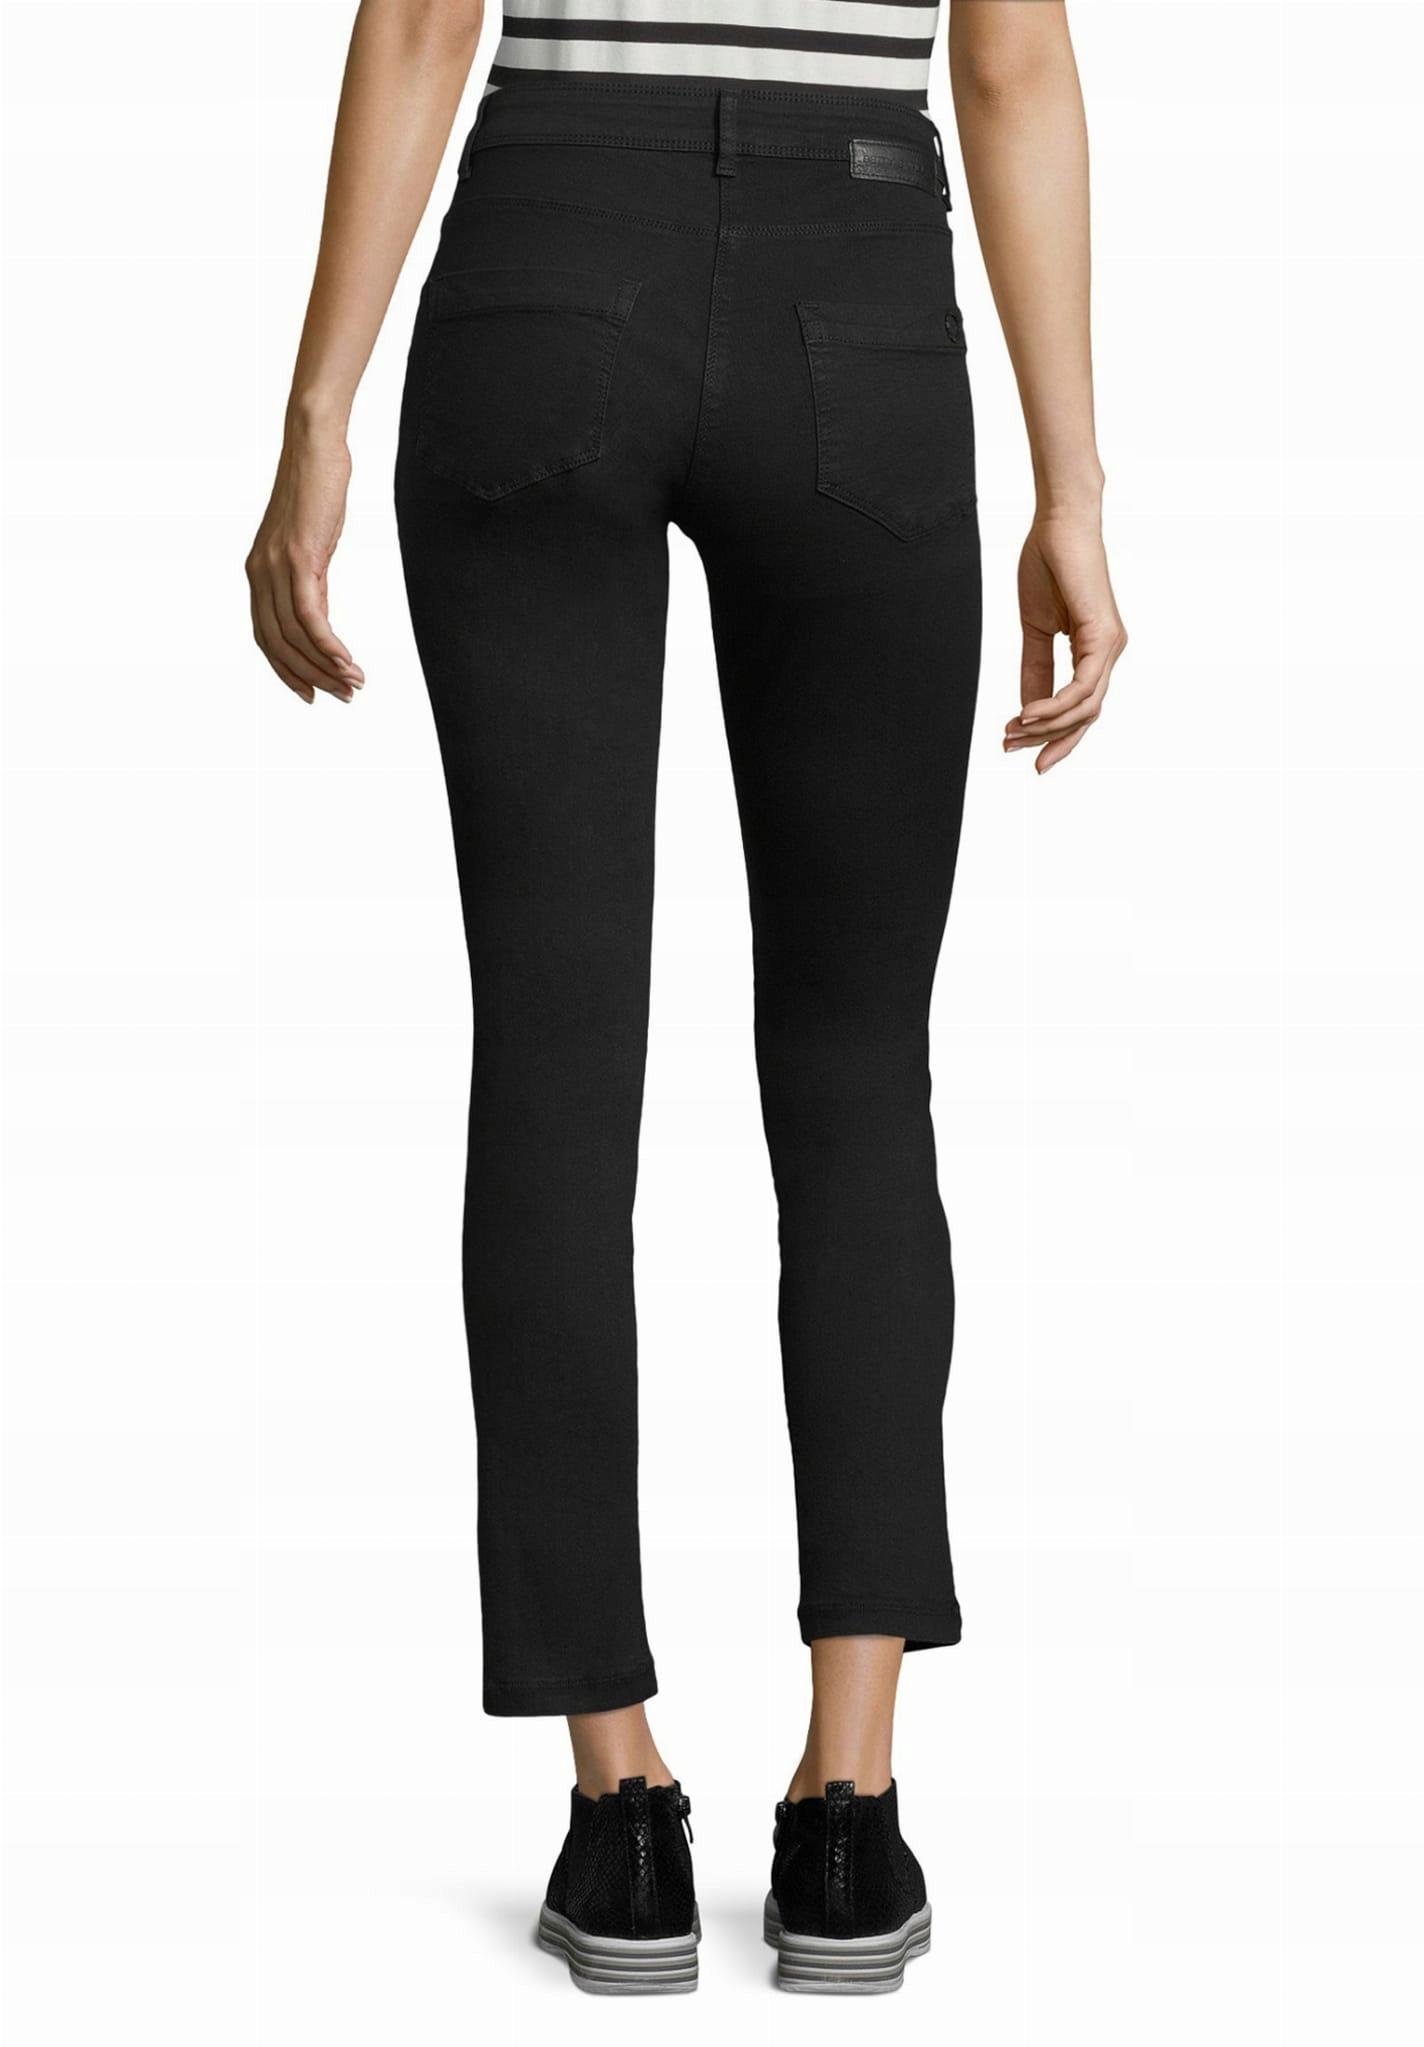 Spodnie BETTY BARCLAY czarne 46